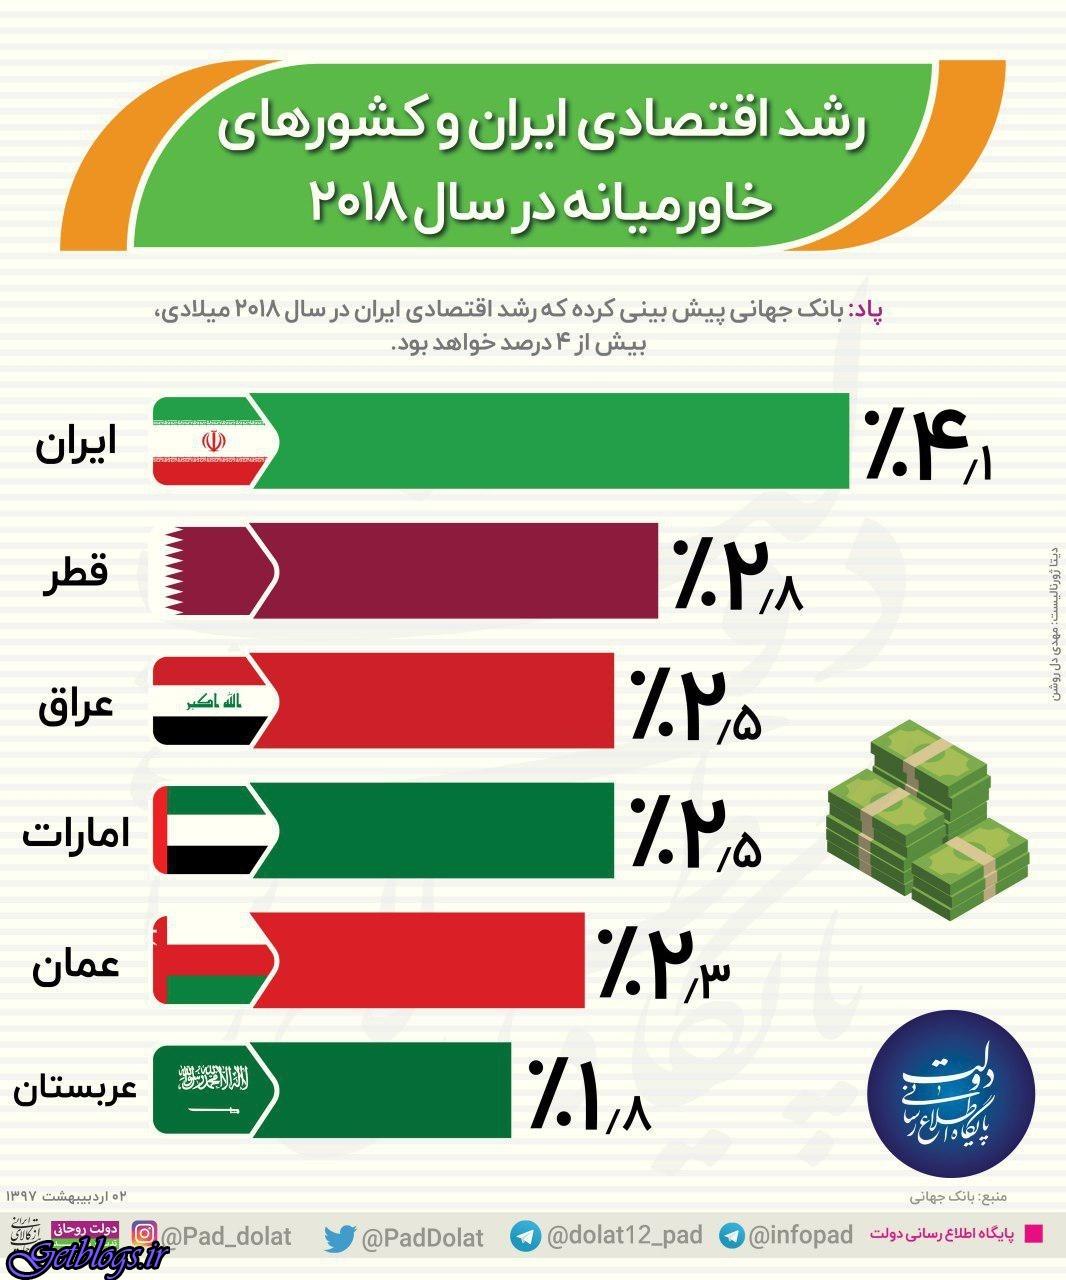 اینفوگرافیک ، رشد اقتصادی کشور عزیزمان ایران و کشورهای خاورمیانه در سال ۲۰۱۸